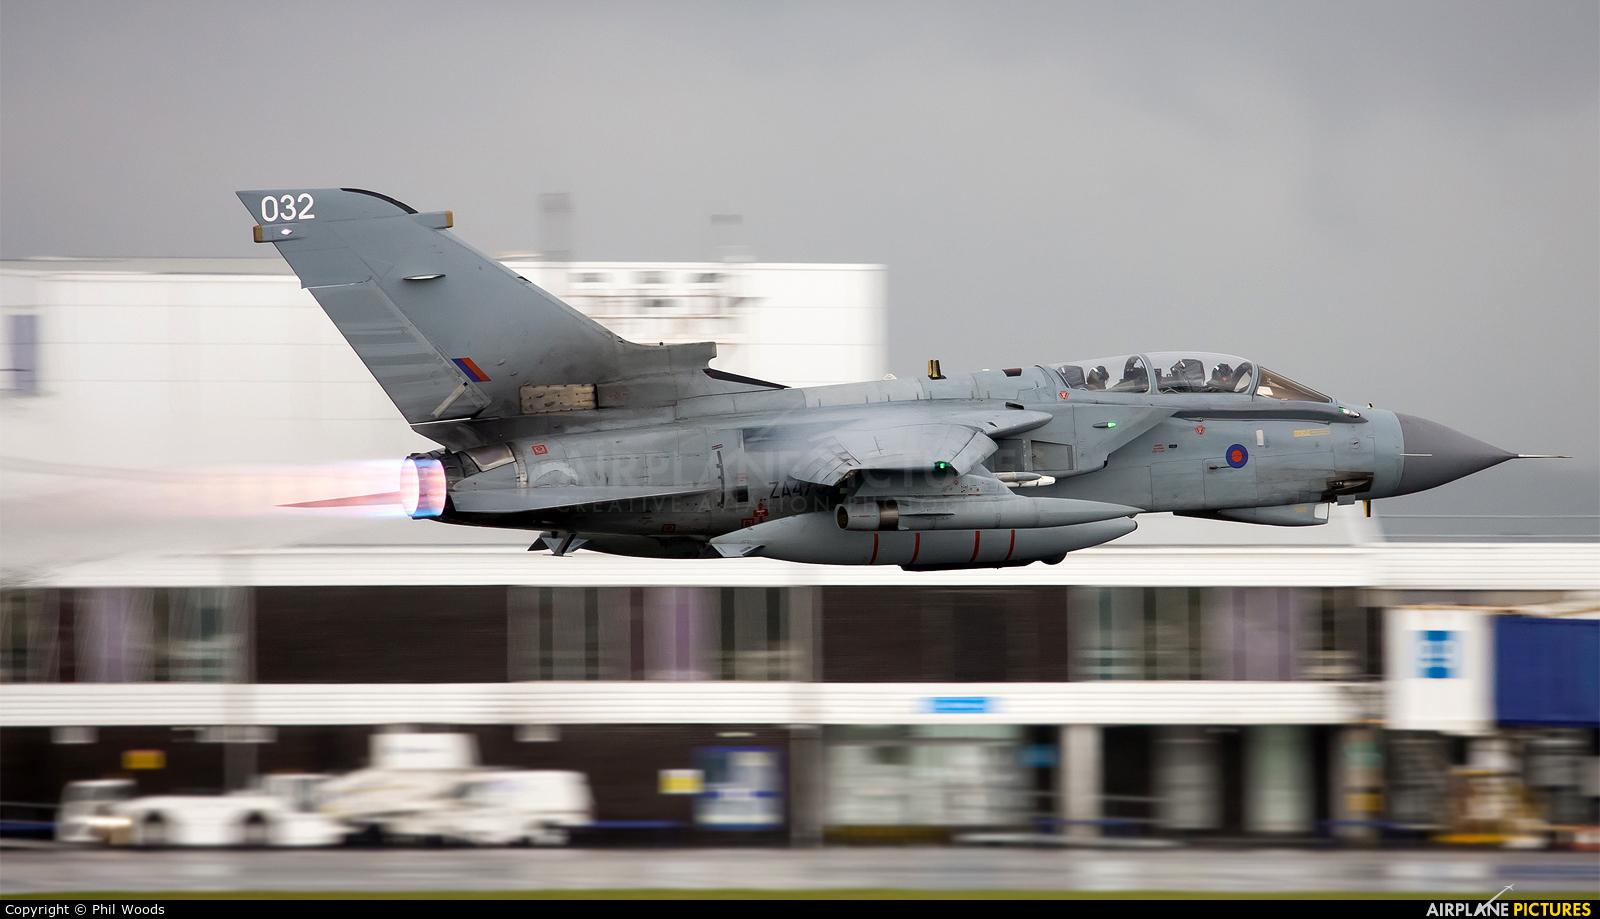 Royal Air Force ZA413 aircraft at Cardiff